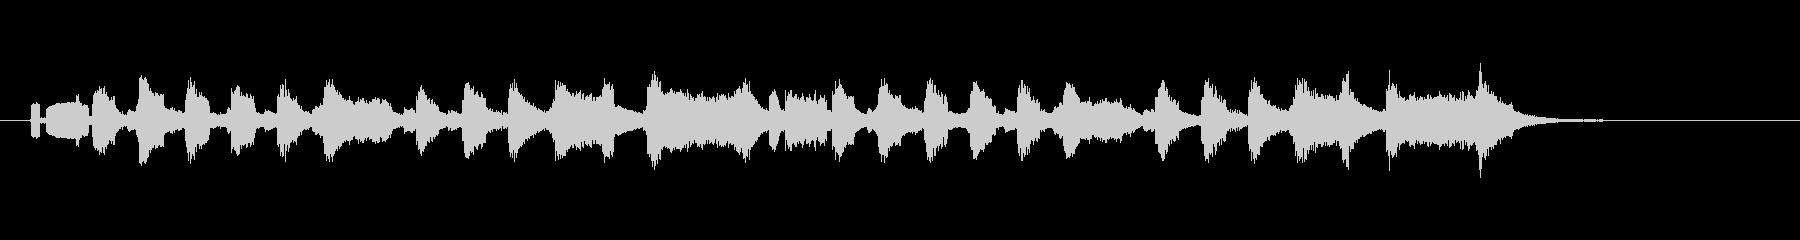 ほのぼの日常の可愛いサウンドの未再生の波形